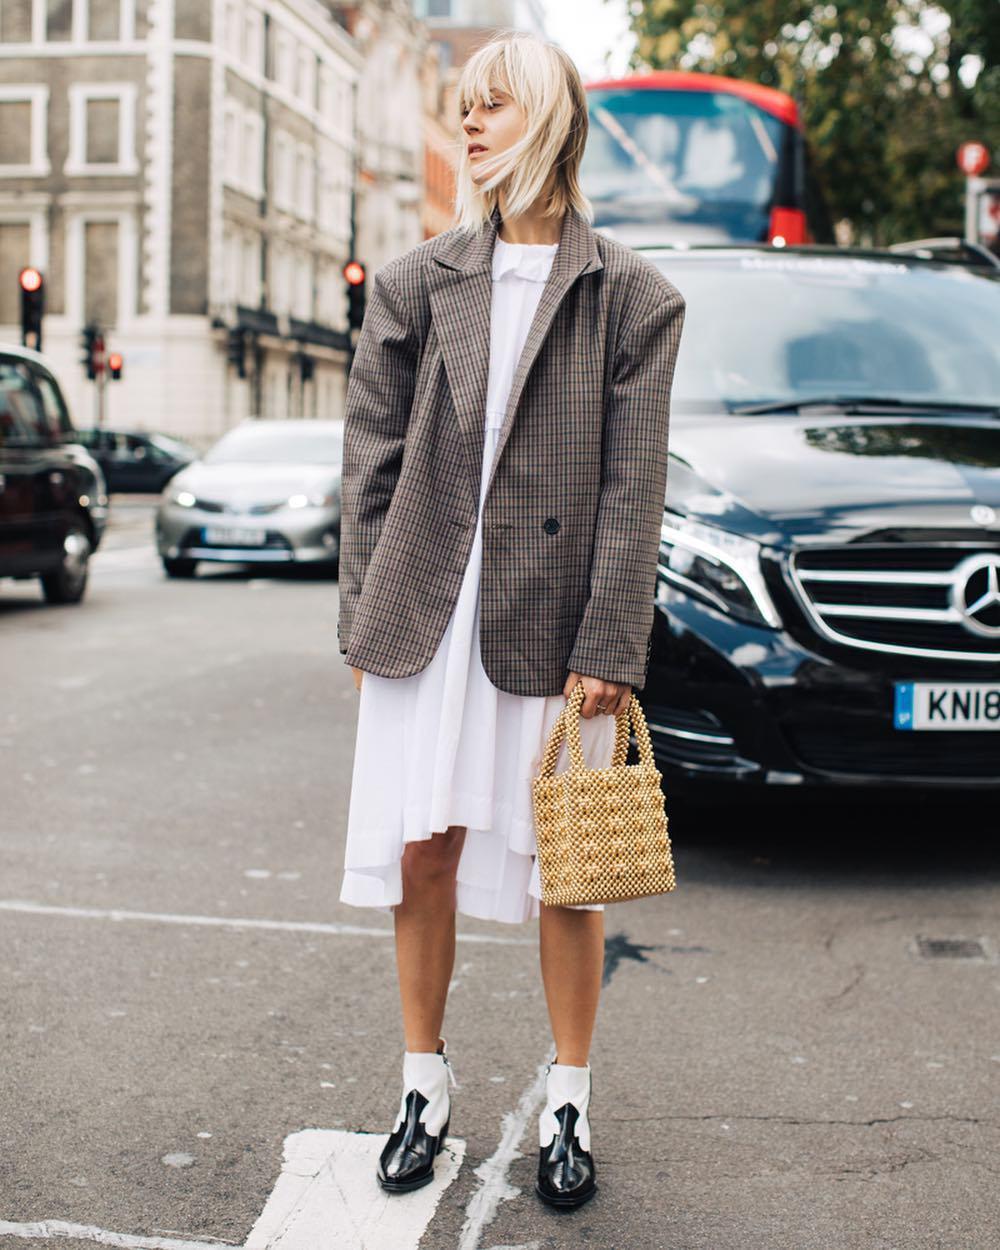 bag gold bag pearl cowboy boots black and white ankle boots white dress midi dress asymmetrical dress plaid blazer